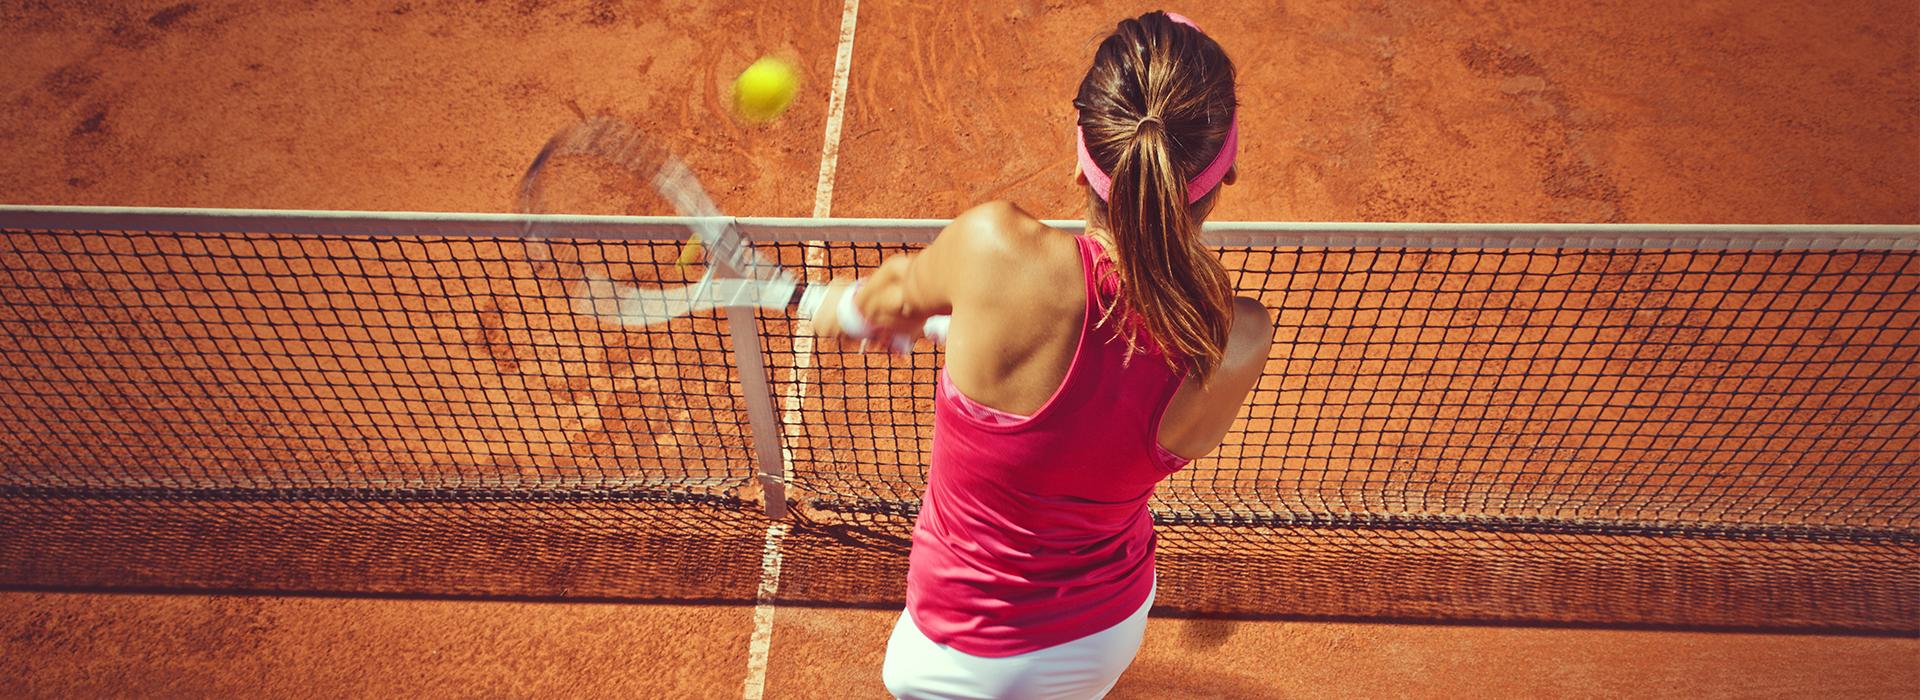 Saludo entre dos tenistas termina en pelea   EL FRENTE